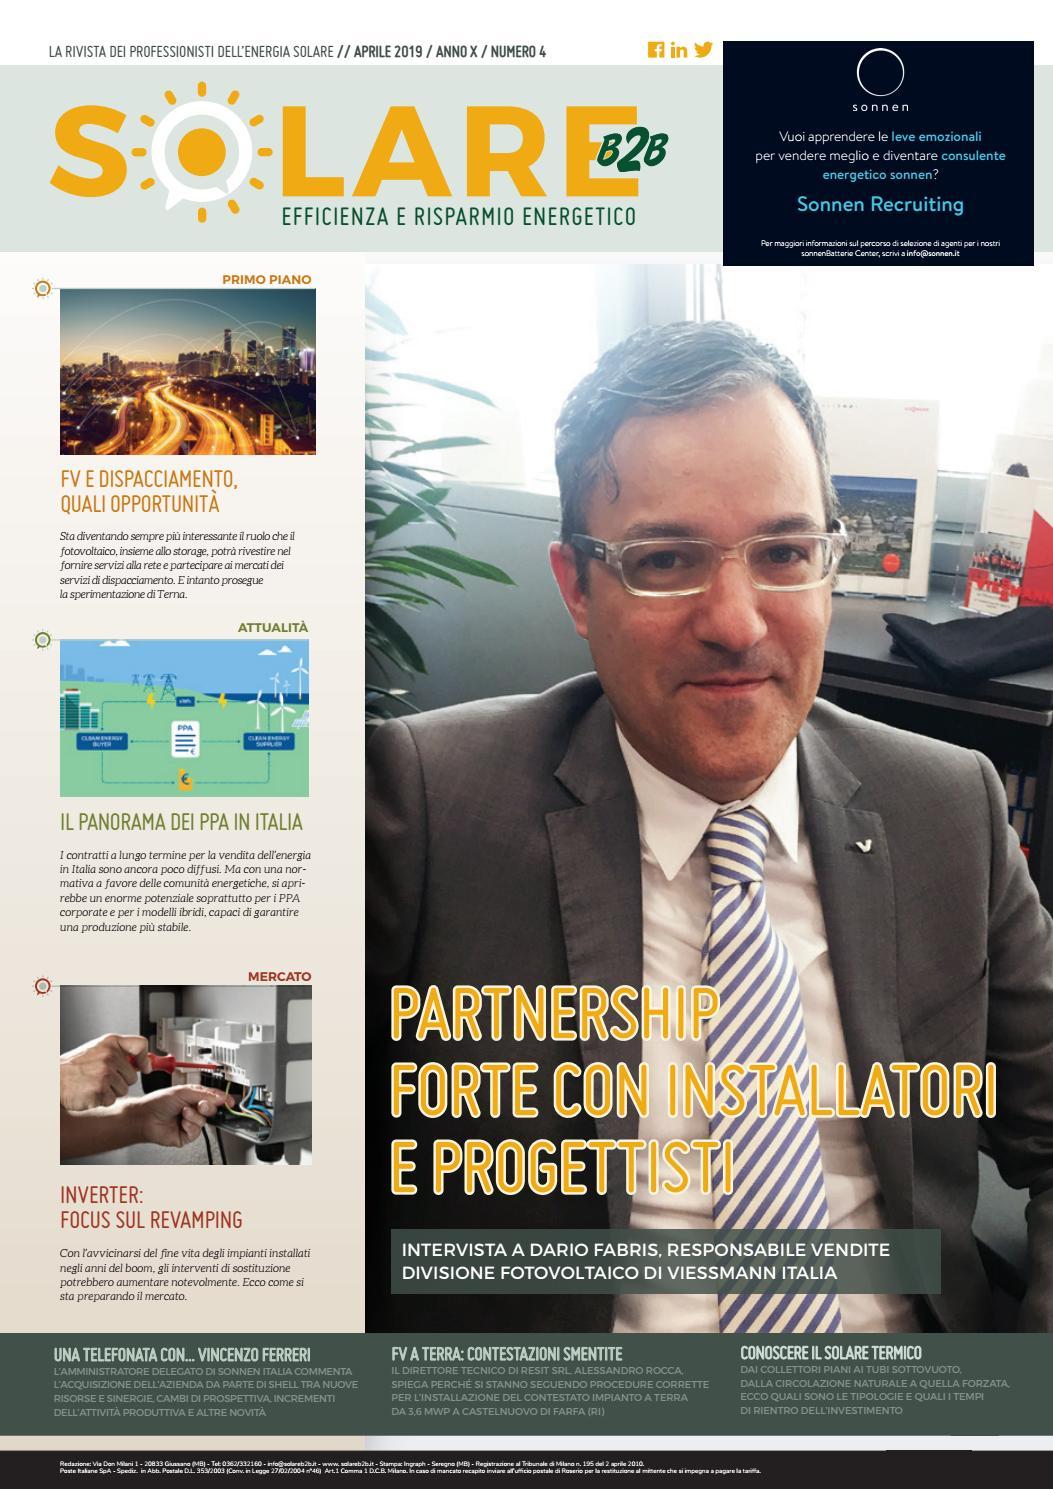 Vendere Energia Elettrica Da Fotovoltaico solareb2b - aprile 2019 by by editoriale farlastrada - issuu